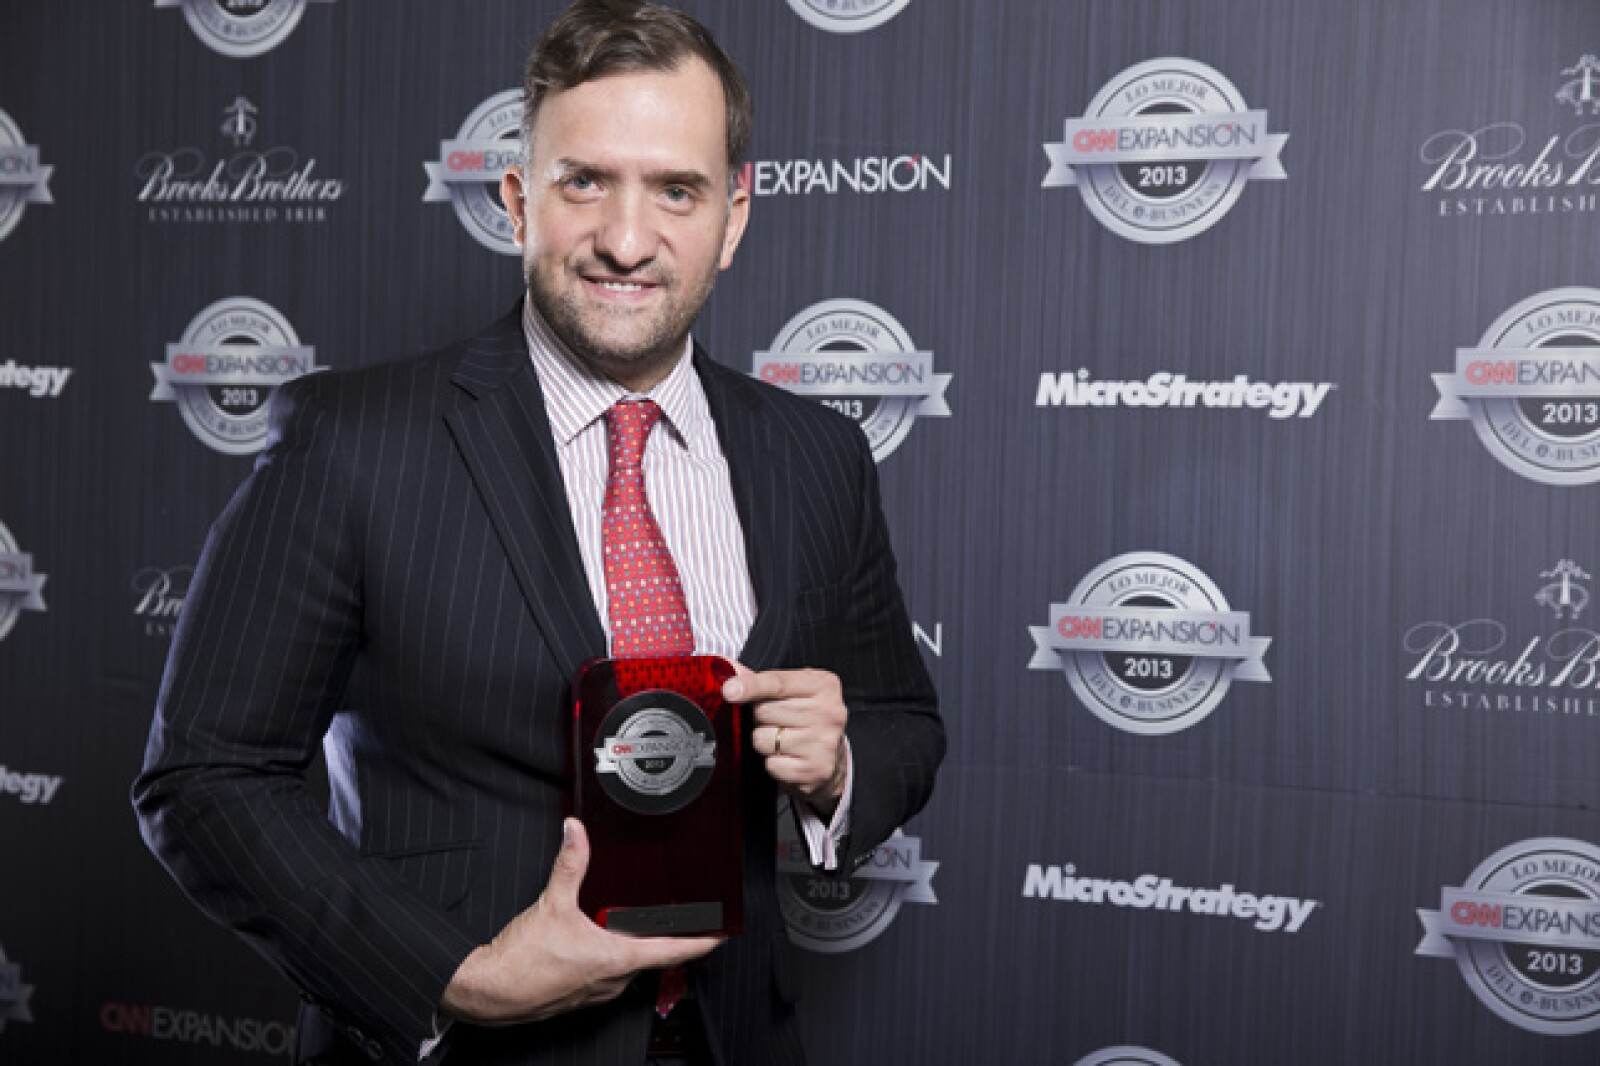 Manuel González Arce, director de Comunicación de Nokia, recibió el premio al Mejor Servicio al Consumidor. En esta categoría se califica la relación de las empresas de consumo con sus clientes, el uso de las nuevas tecnologías en la red.